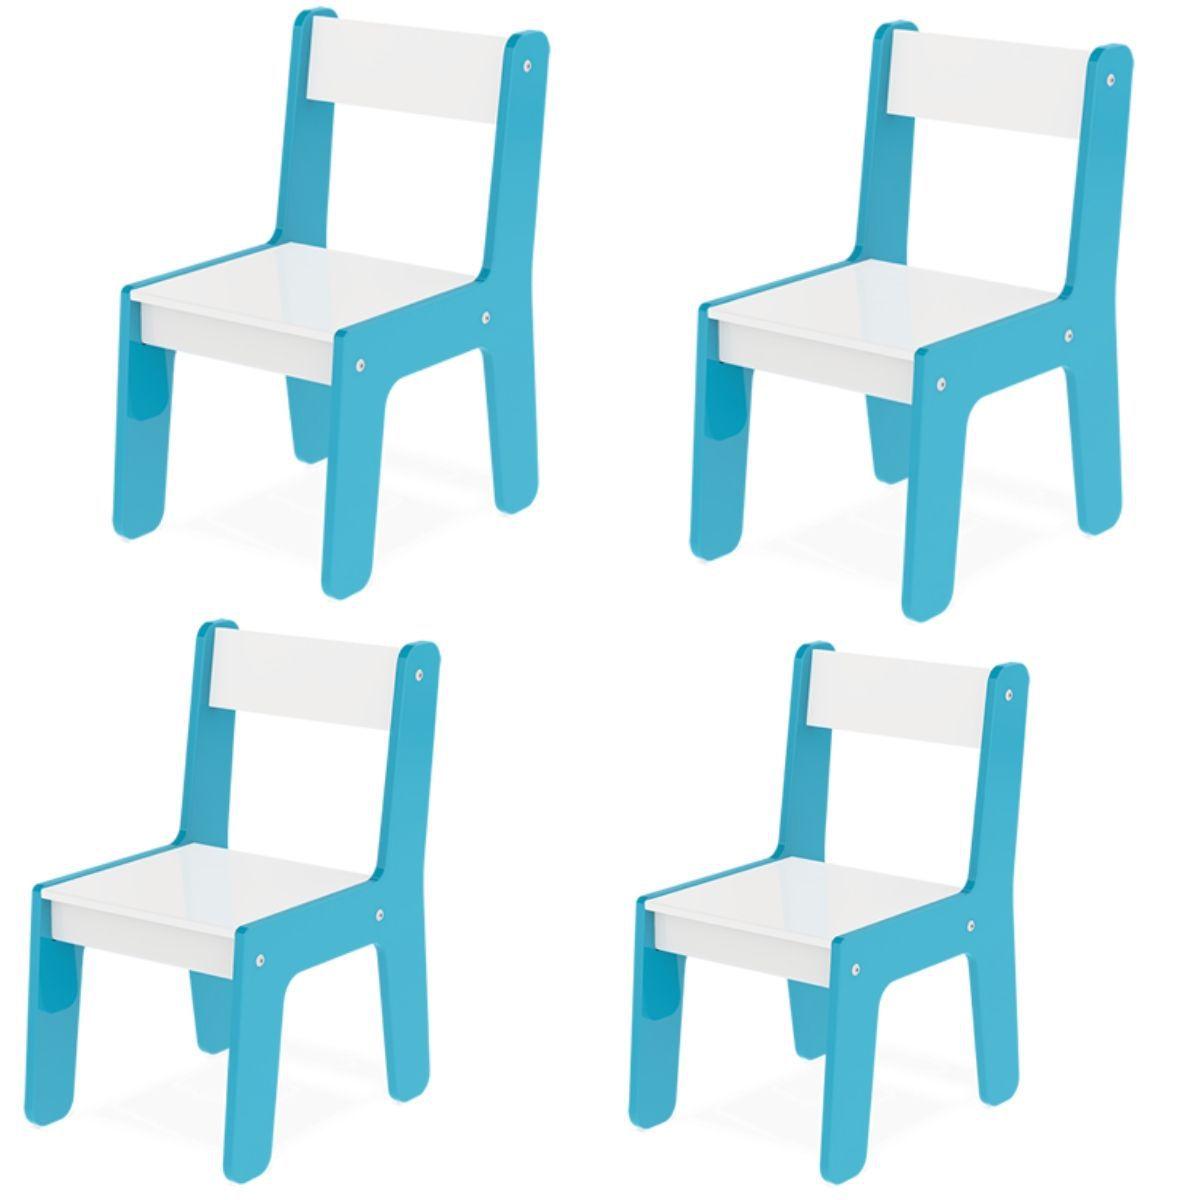 Kit Com 4 Cadeiras Infantil Em Madeira Mdf Crianças Até 40kg Diversas Cores - Junges